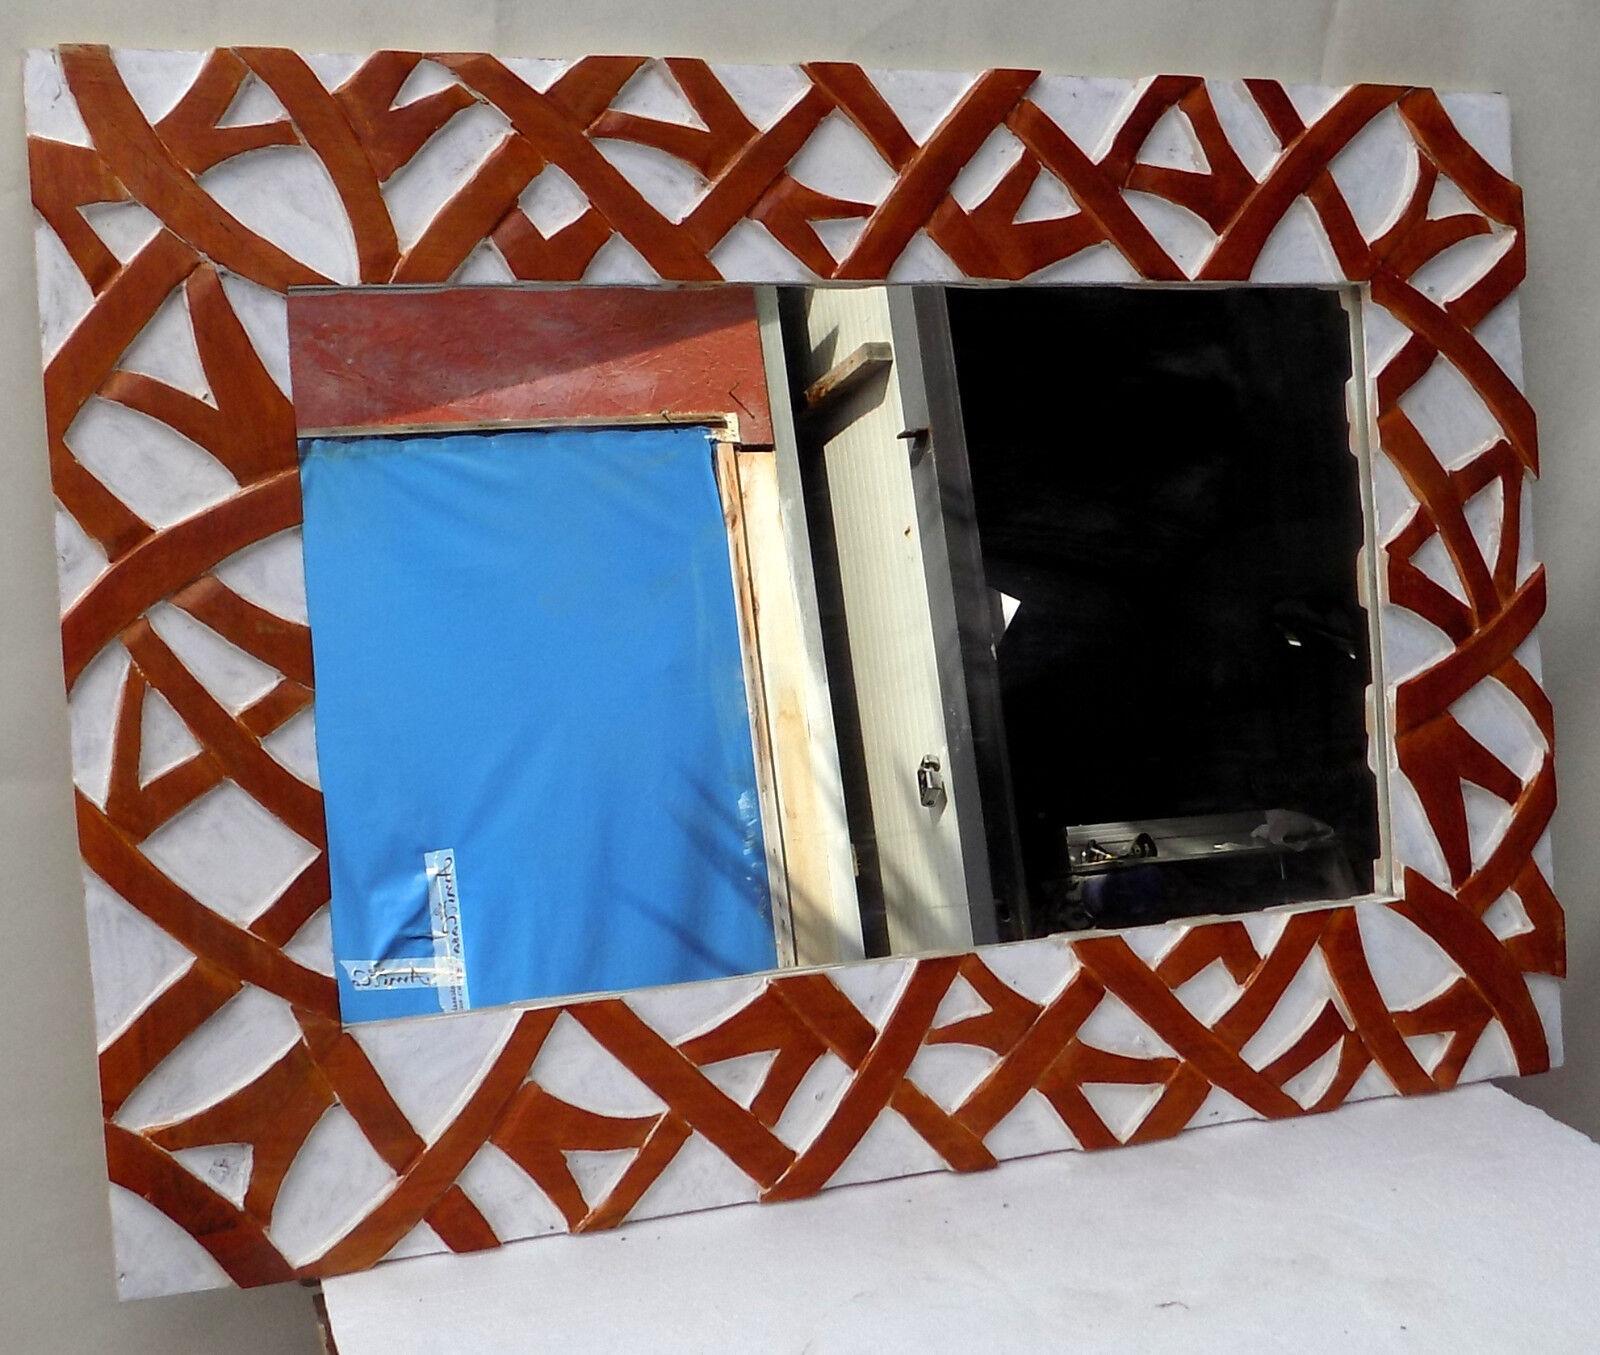 Spiegel in Holz Intarsien Abgelagert cm 100x70 Weiß Braun Spiralen Erleichterung